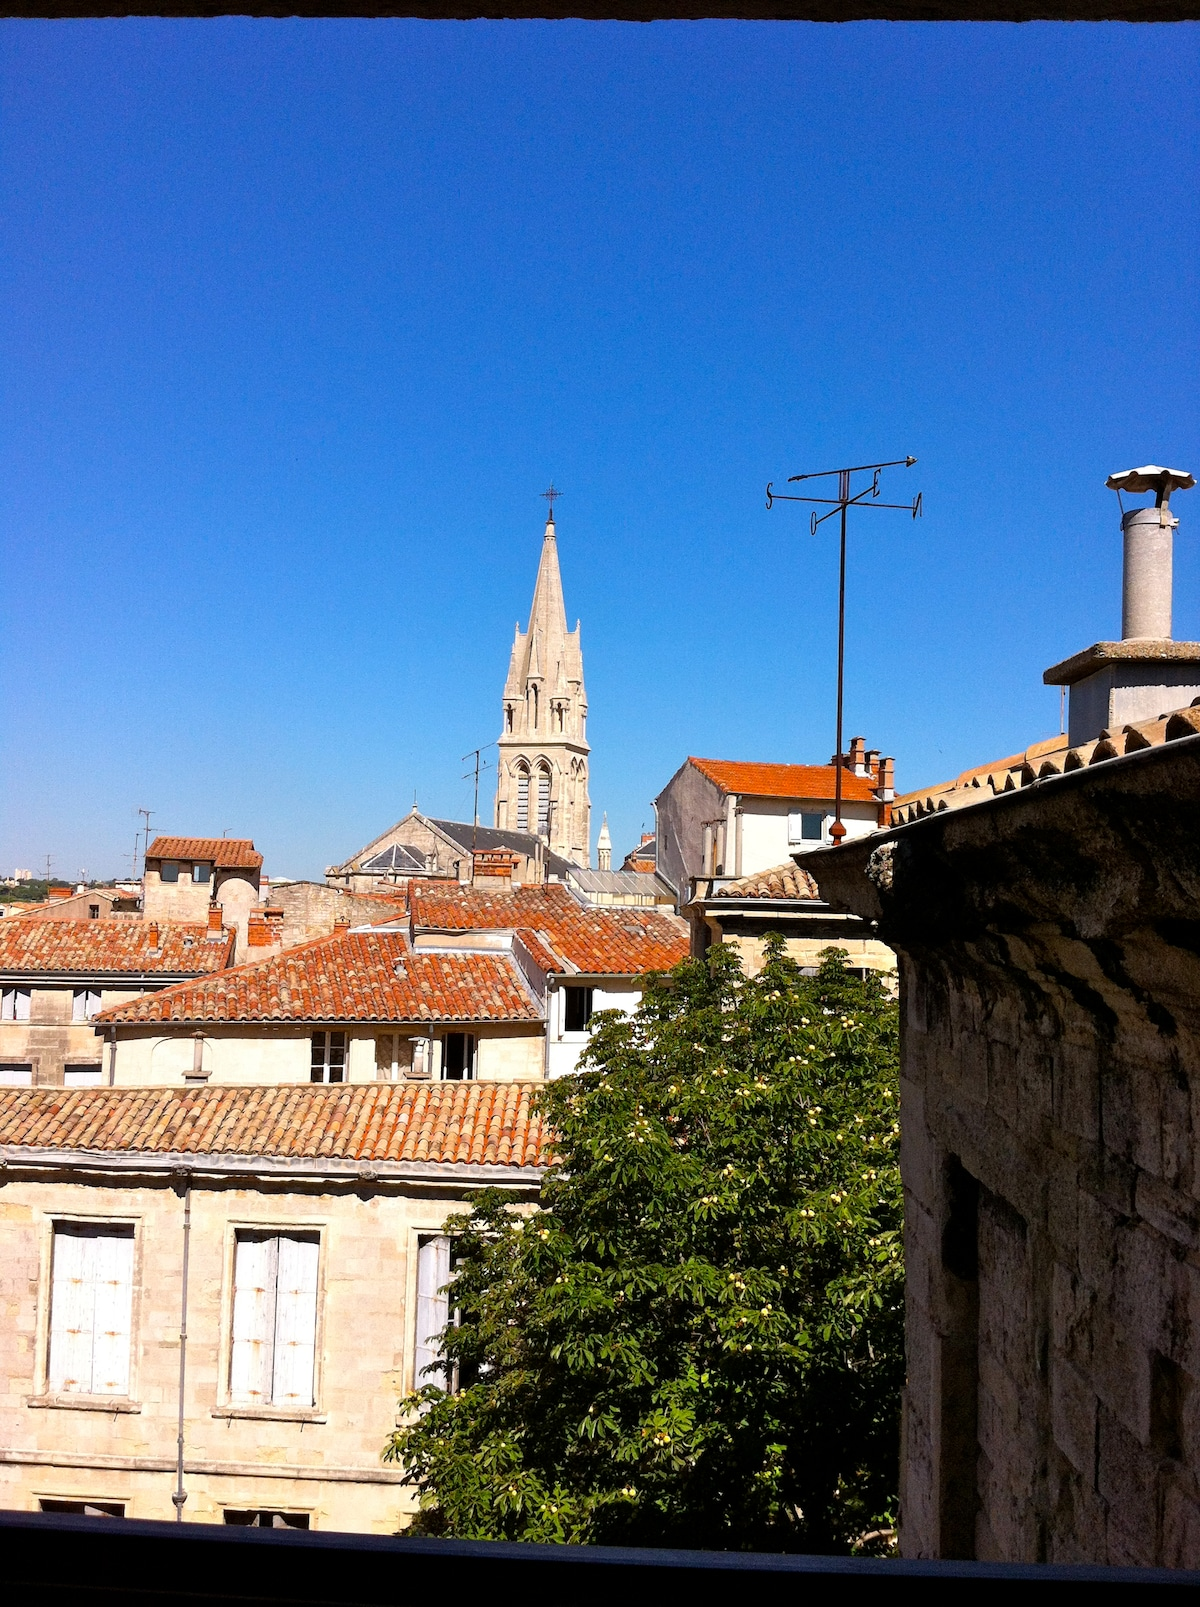 La vue panoramique de la cuisine sur les toits et clochers de Montpellier